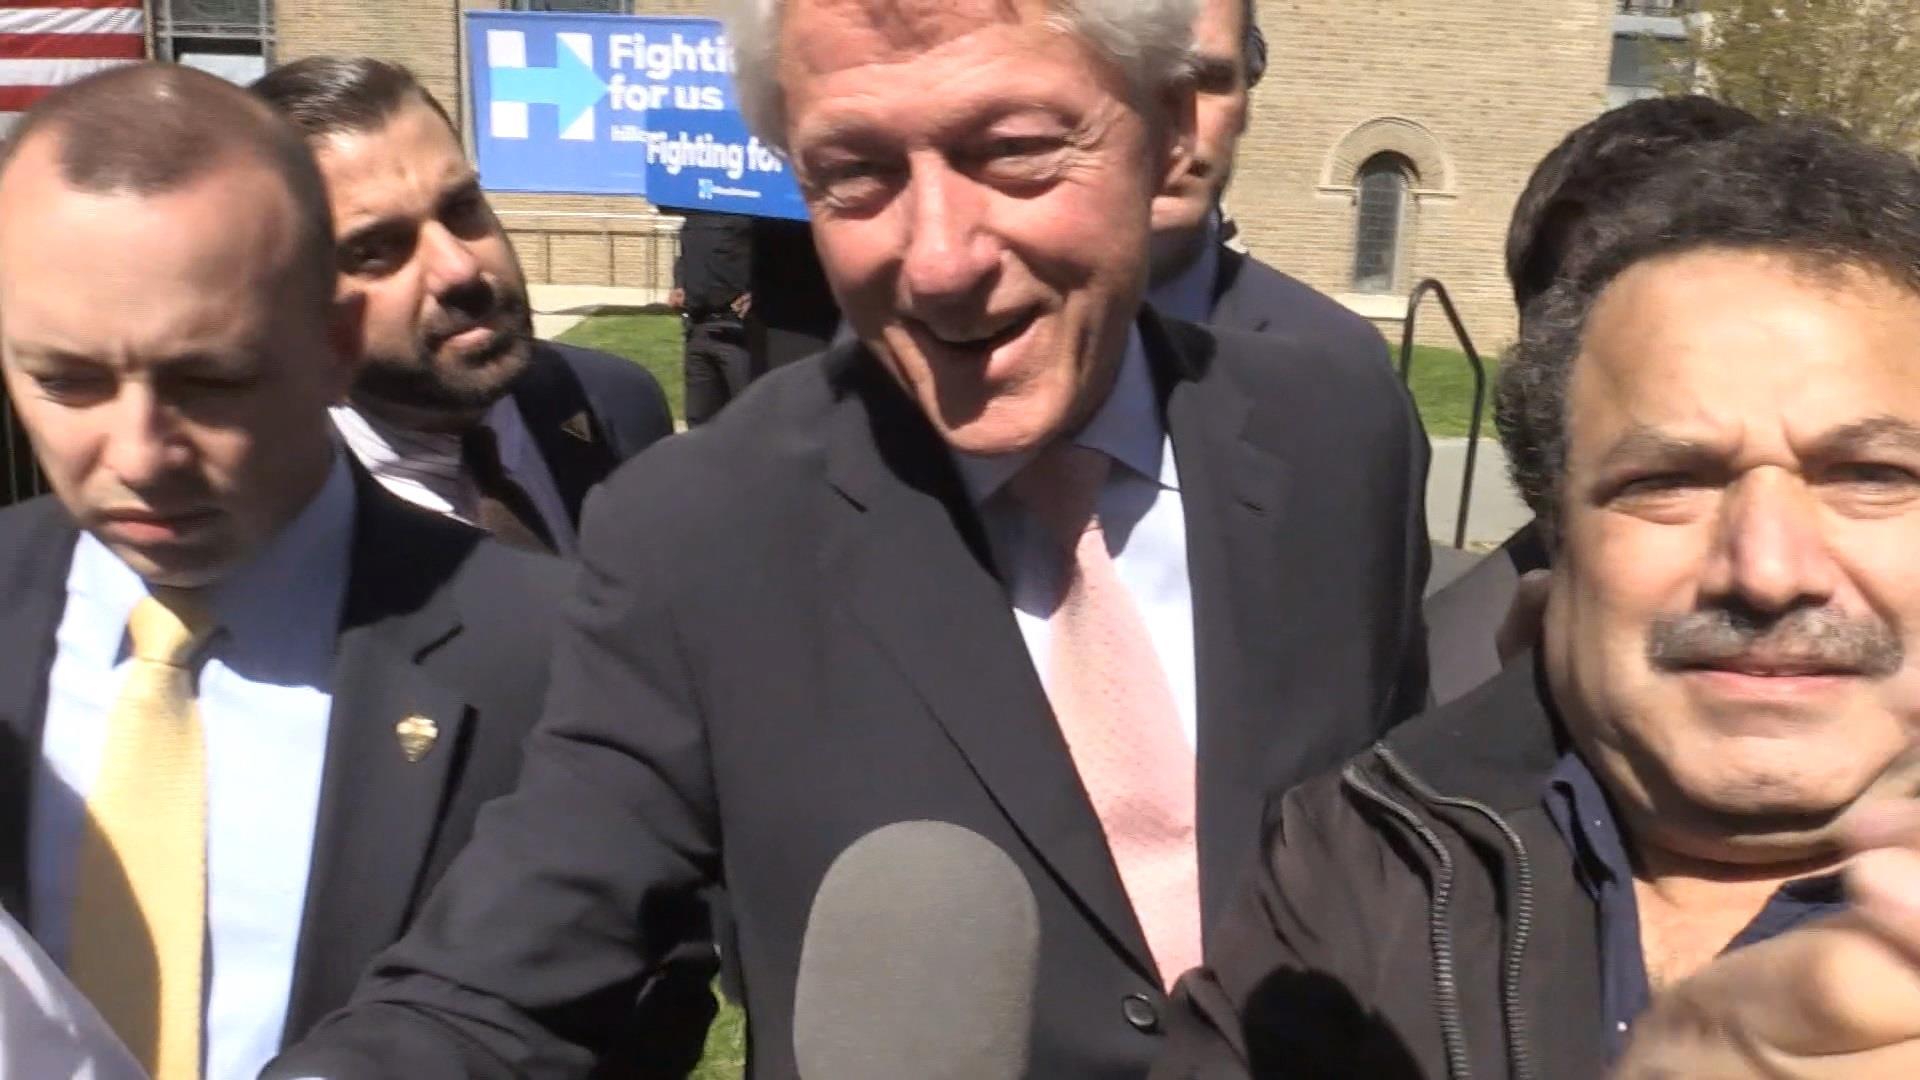 Bill Clinton jokes about Sanders supporters